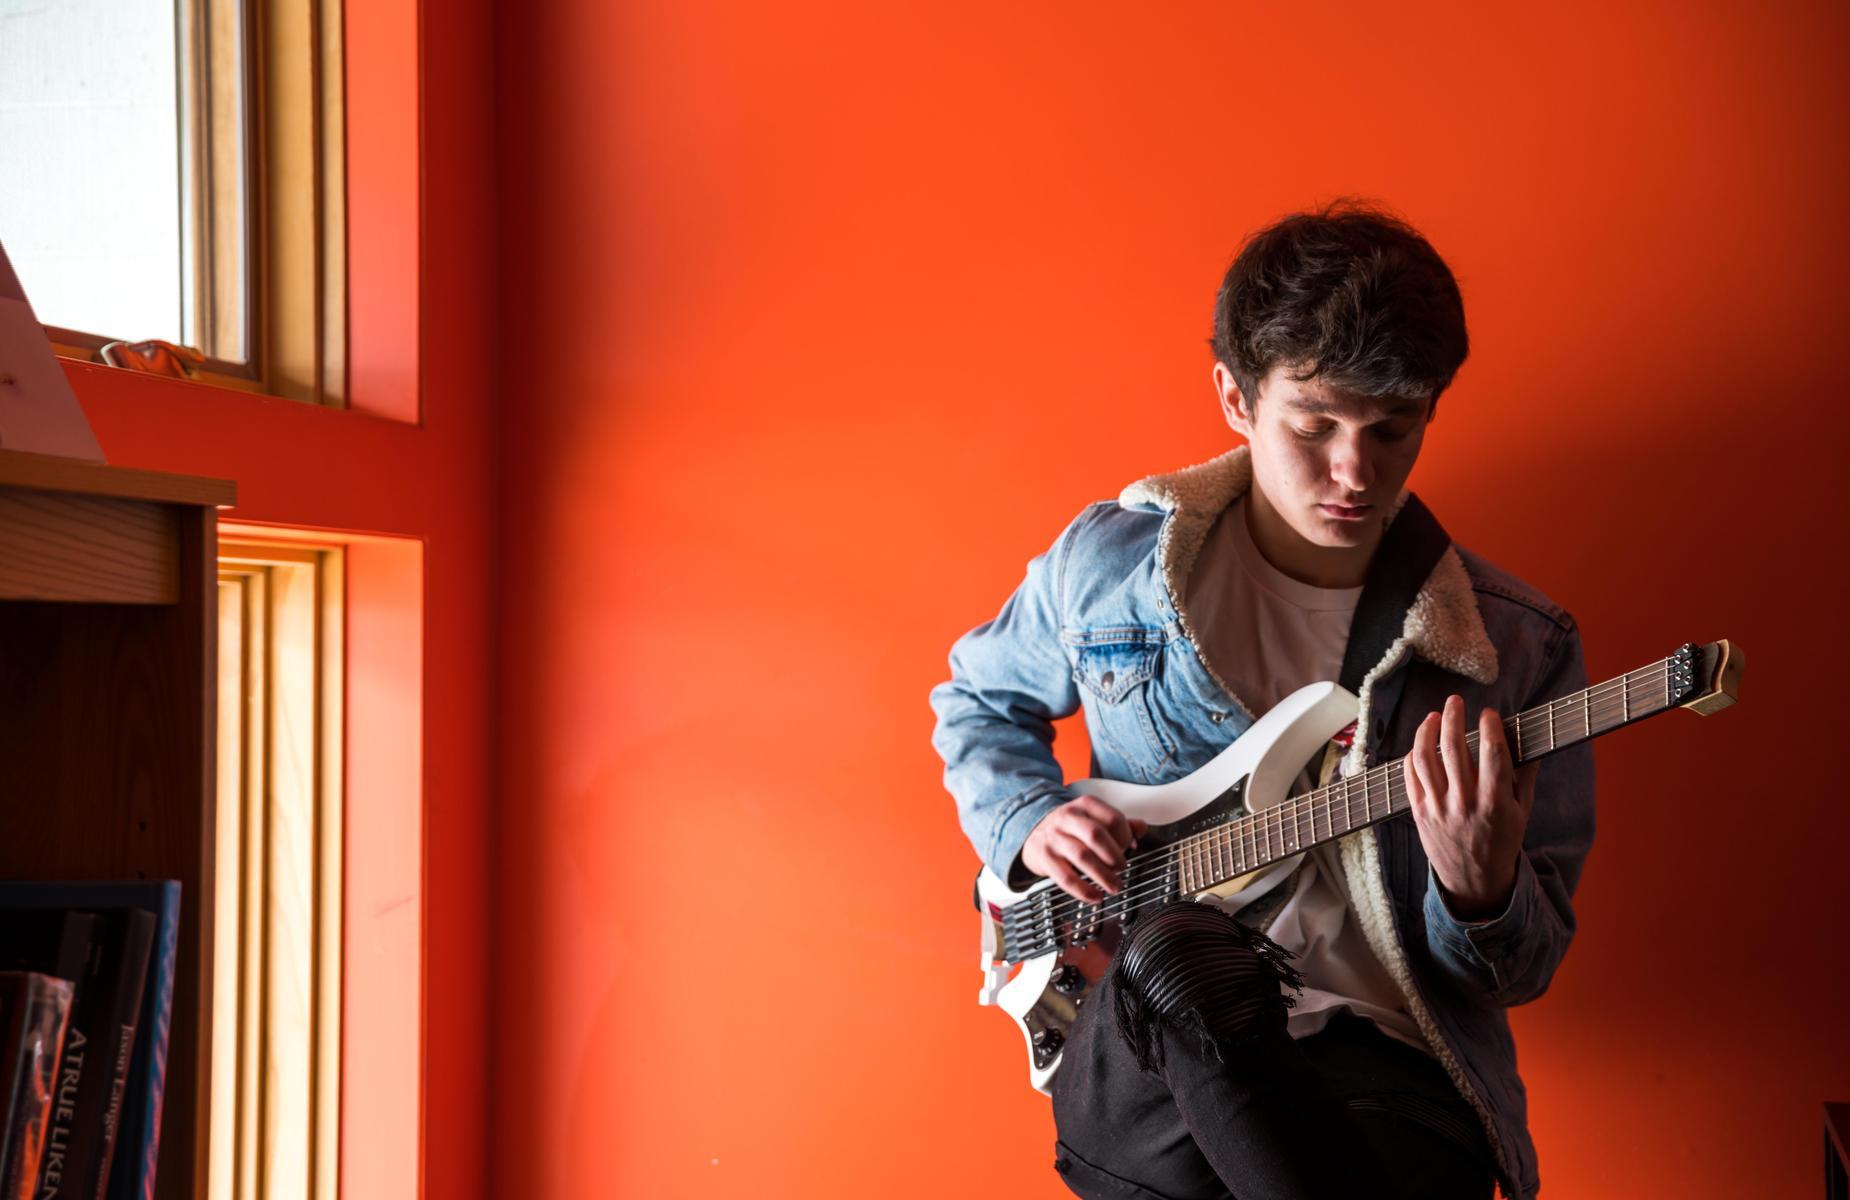 一个学生在弹吉他.